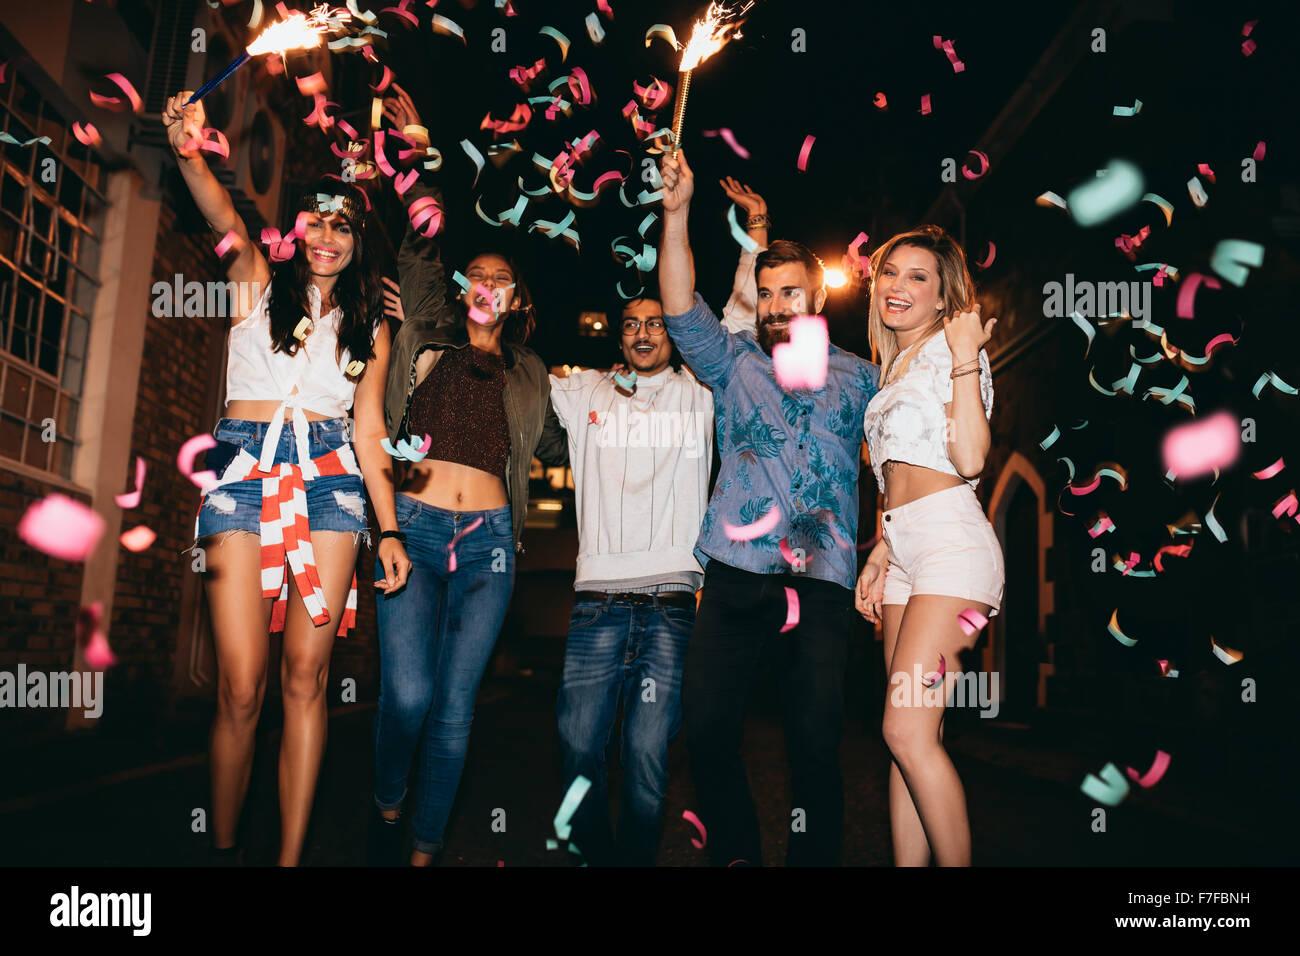 Grupo de jóvenes en una fiesta, al aire libre. Hombres y mujeres jóvenes multirracial celebrando con confeti. Imagen De Stock